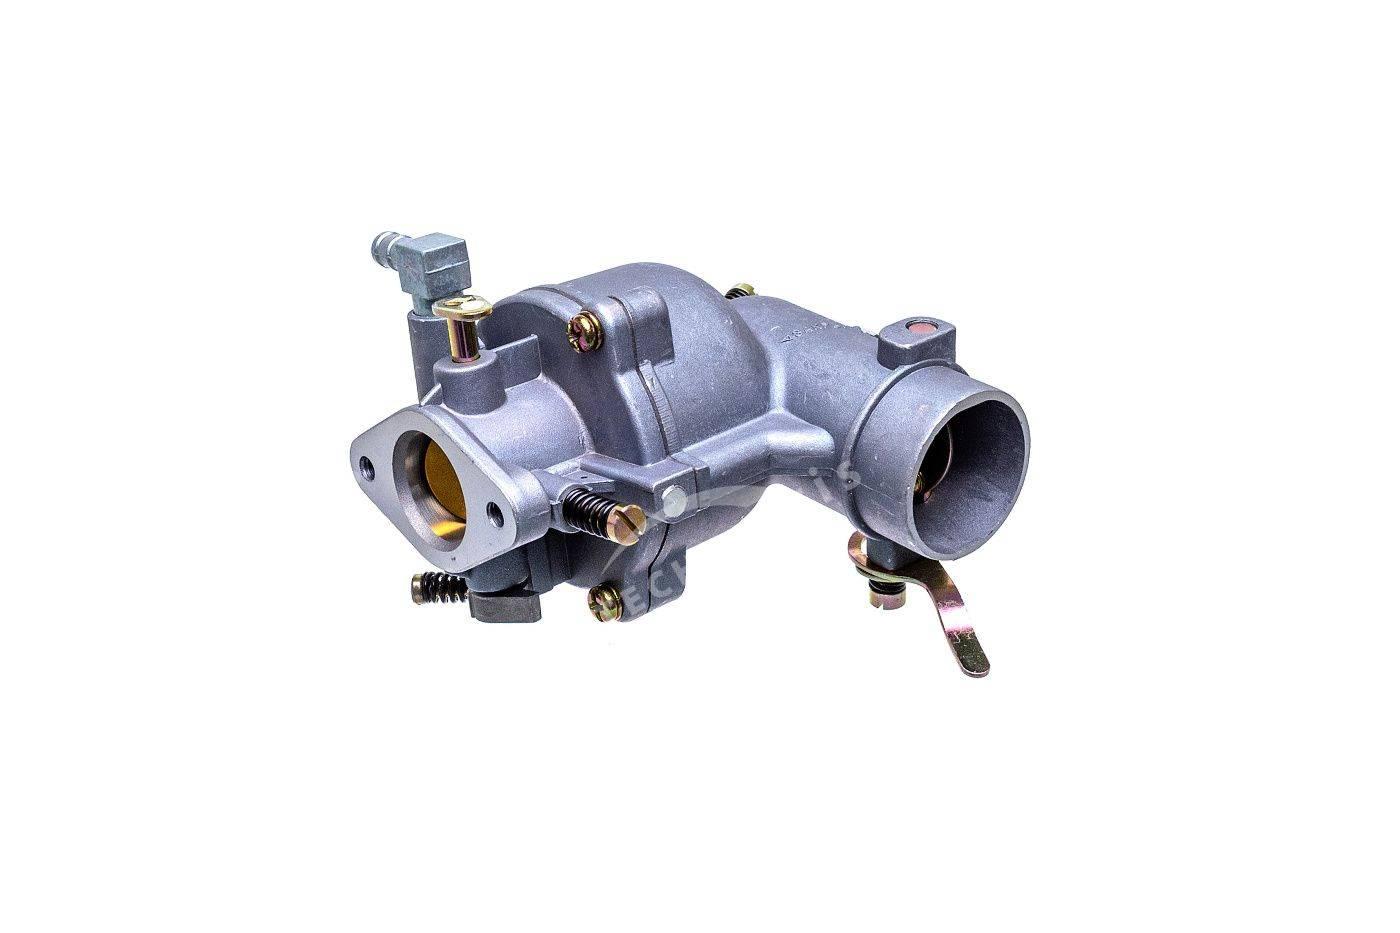 Karburátor Briggs & Stratton 390323 394228 170401 190412 Troybilt